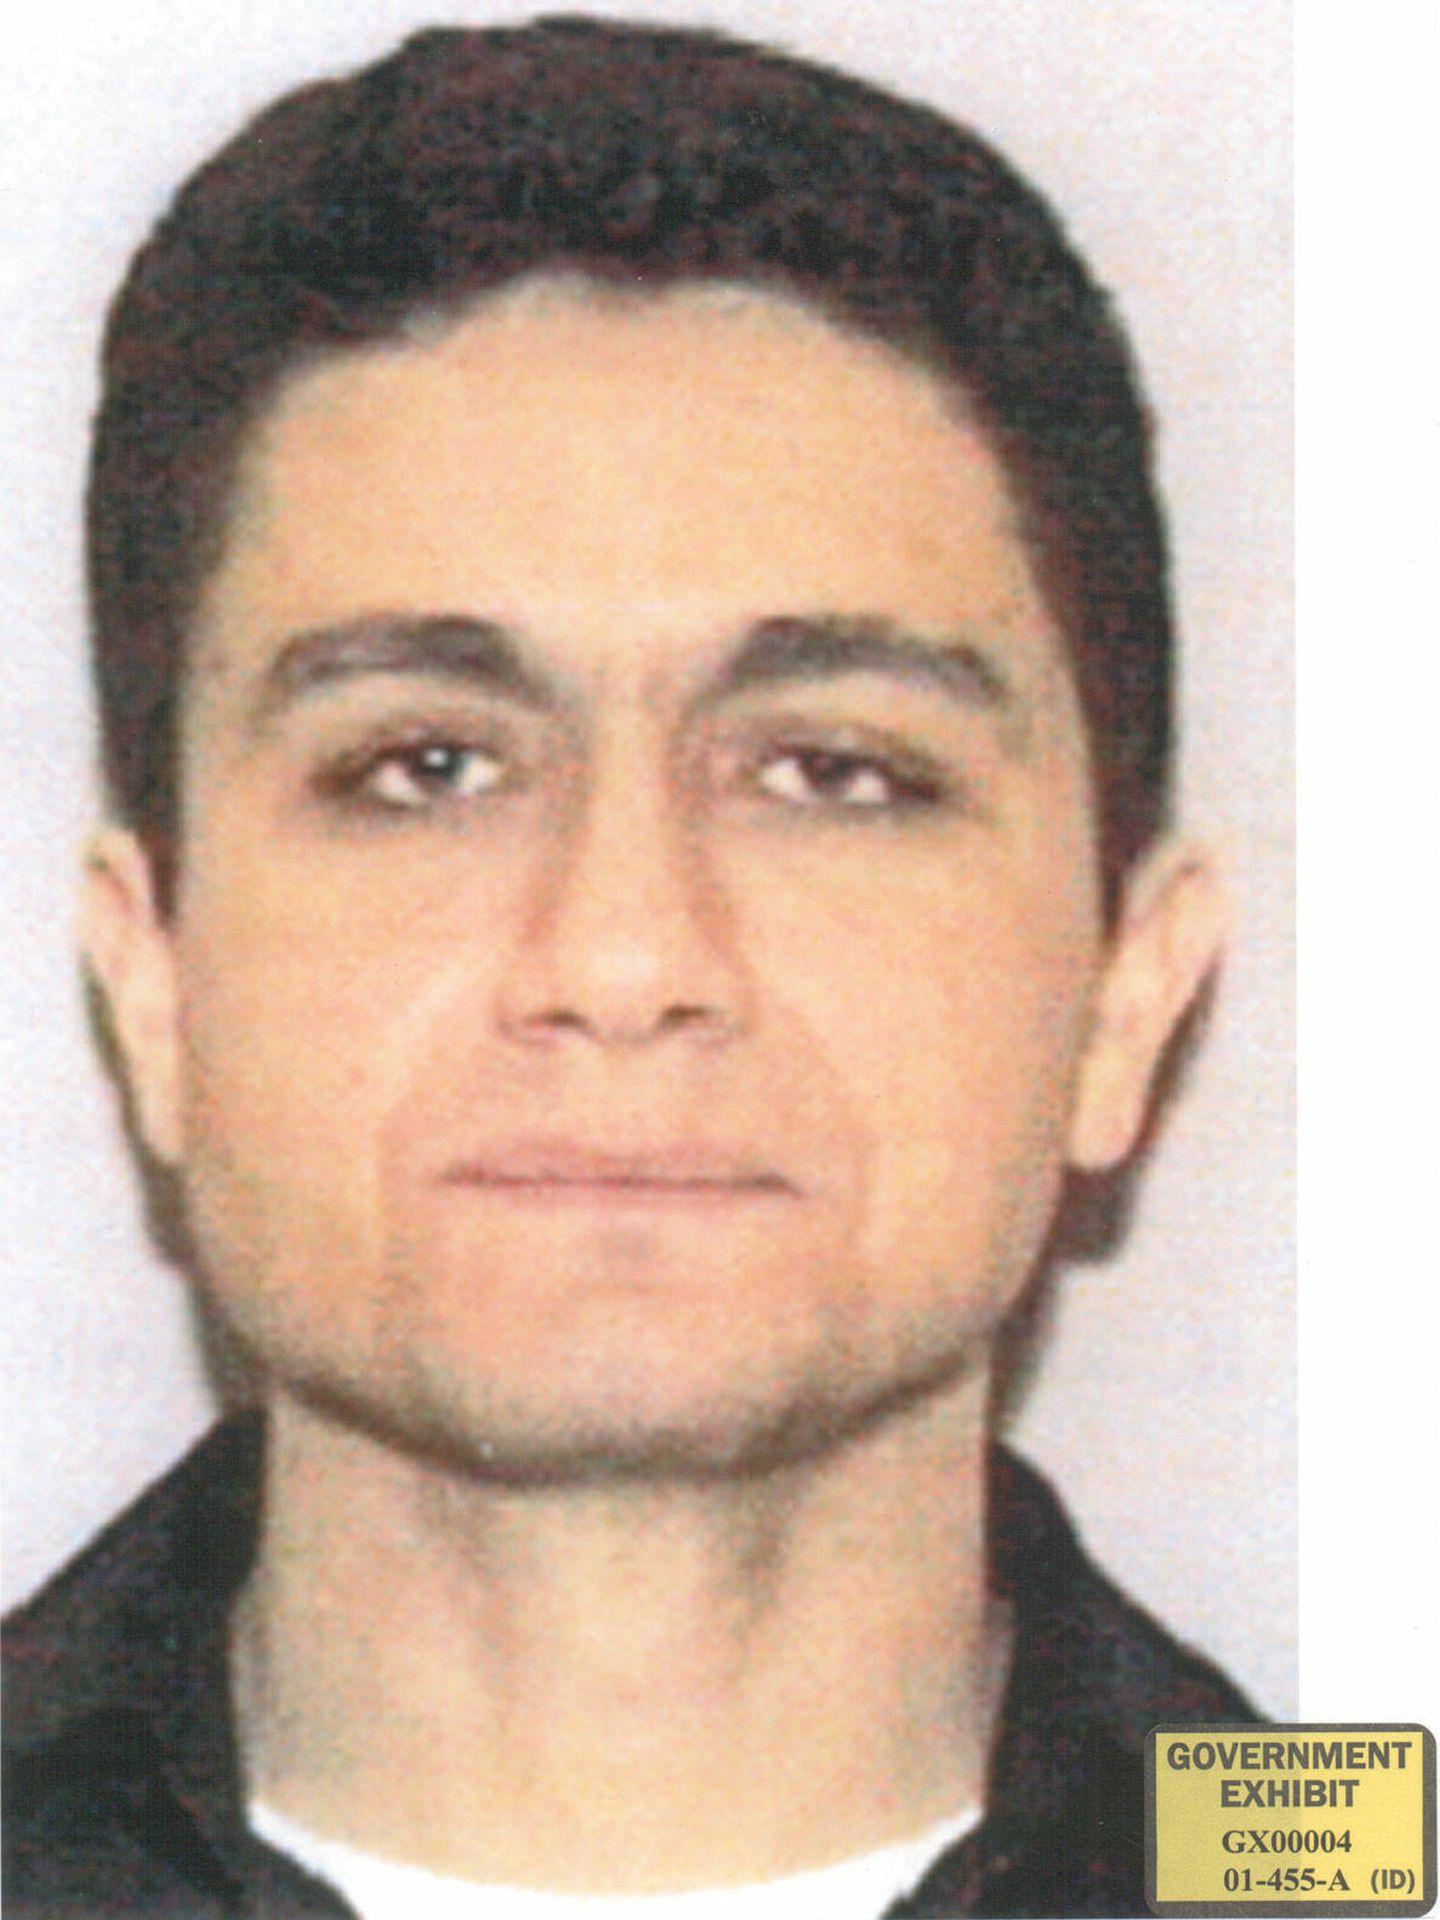 Mohamed Atta, el secuestrador que pilotó el vuelo 11 de American Airlines durante los ataques del 11-S